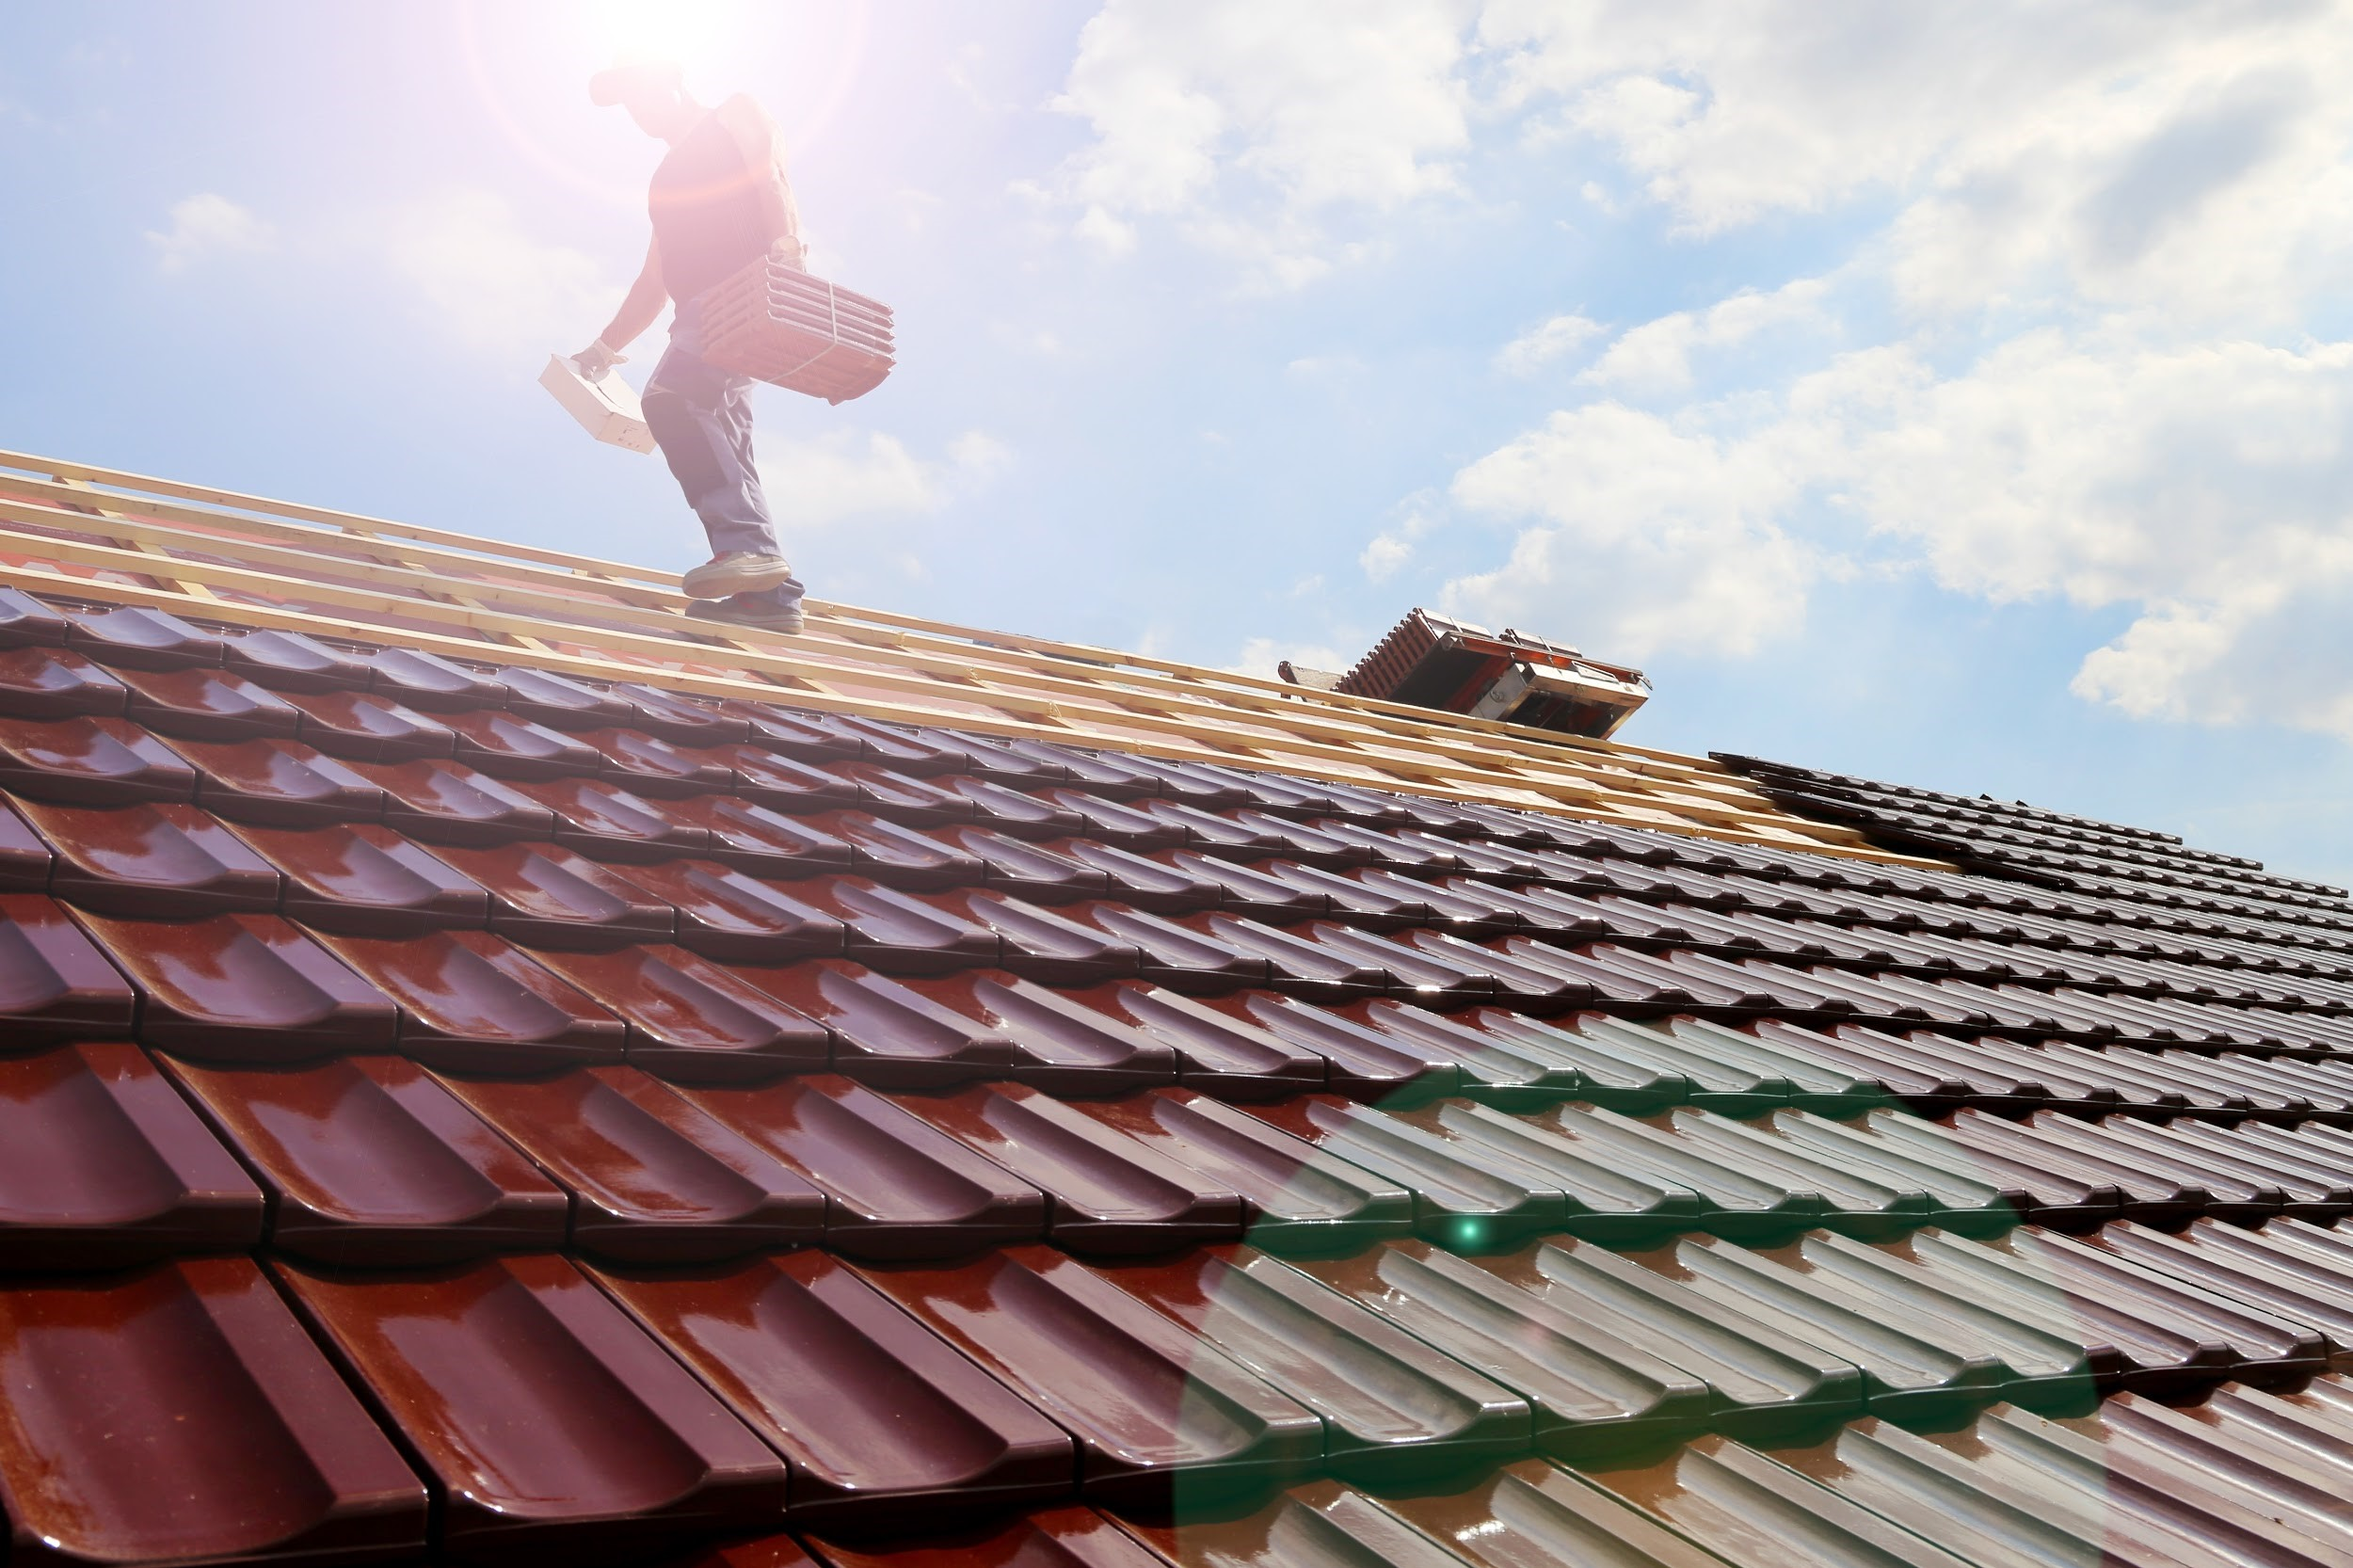 Faz uma revisão ao telhado